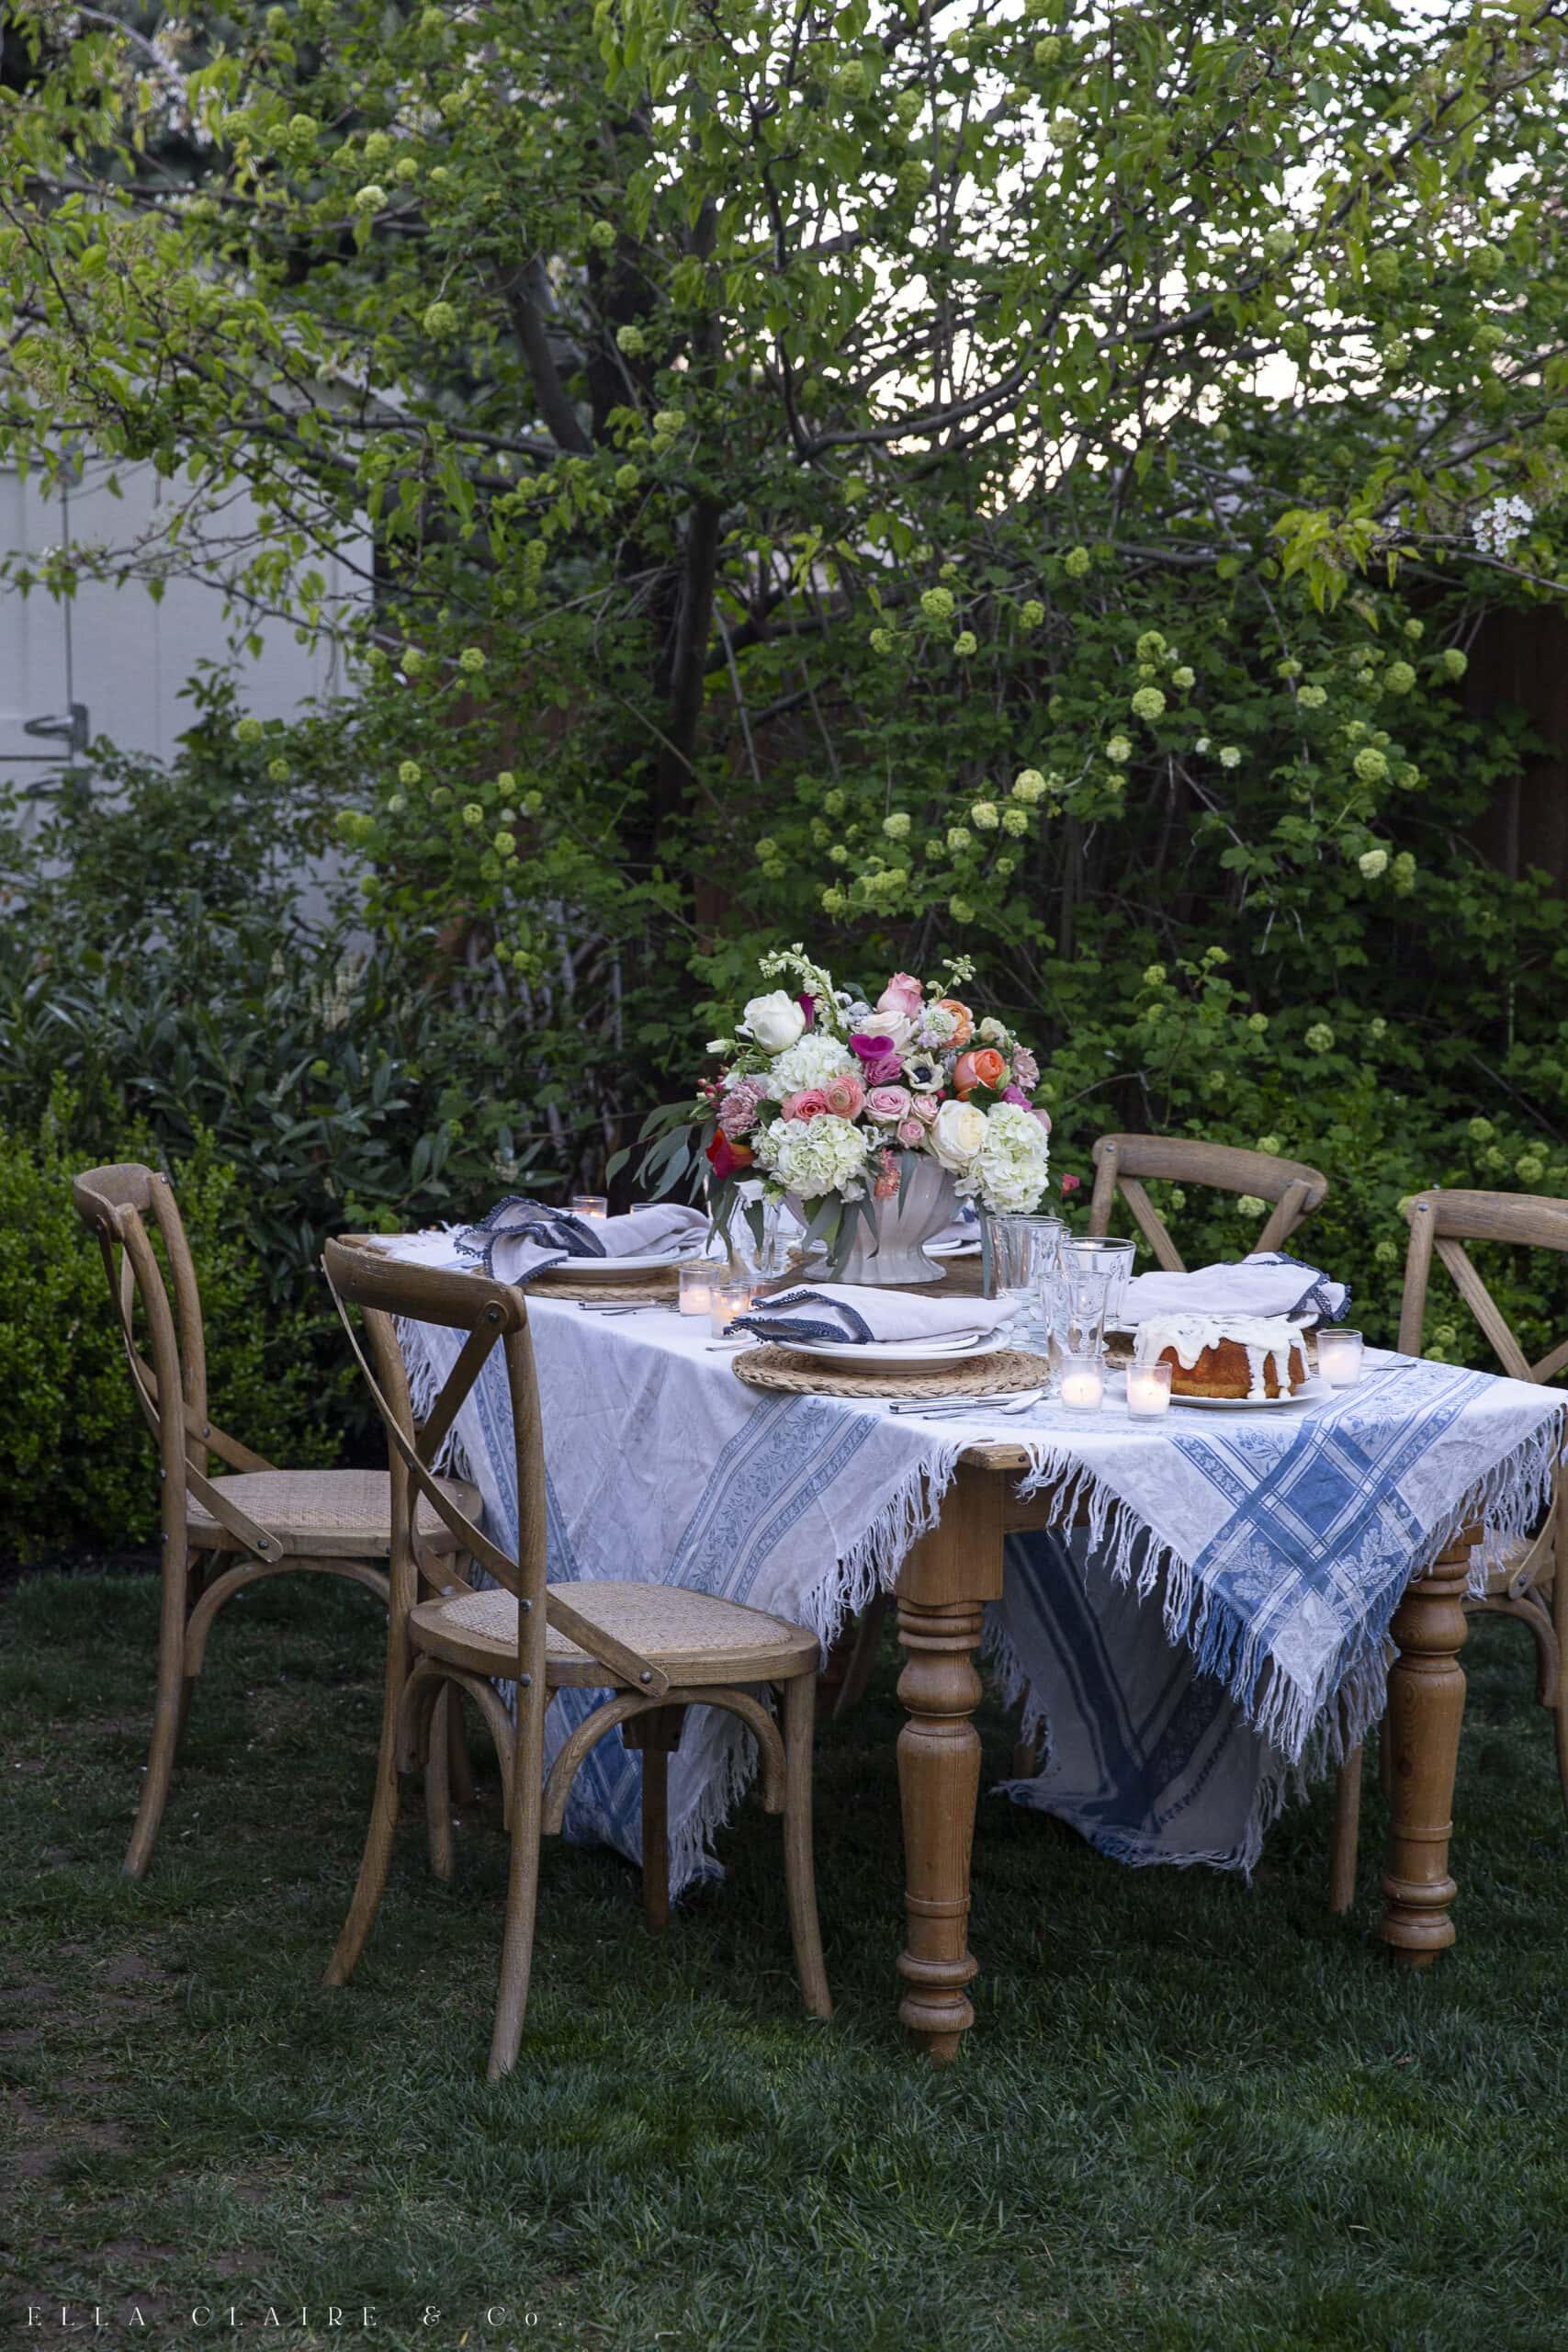 table set up in garden for backyard dinner